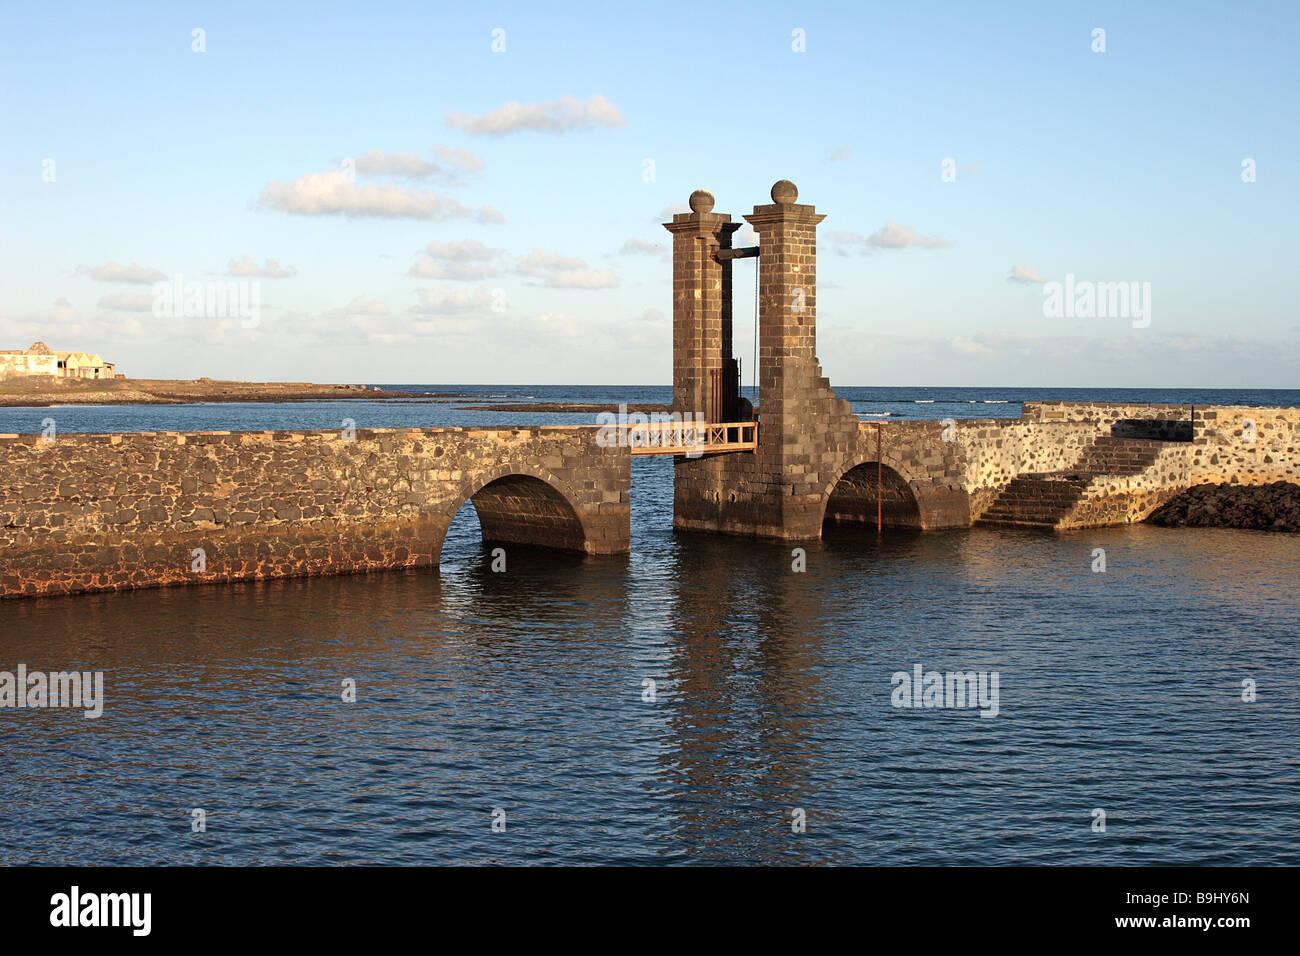 spain Canary islands Puente de las Bolas Atlantic-island Lanzarote Arrecife dock bridge architecture city water Stock Photo